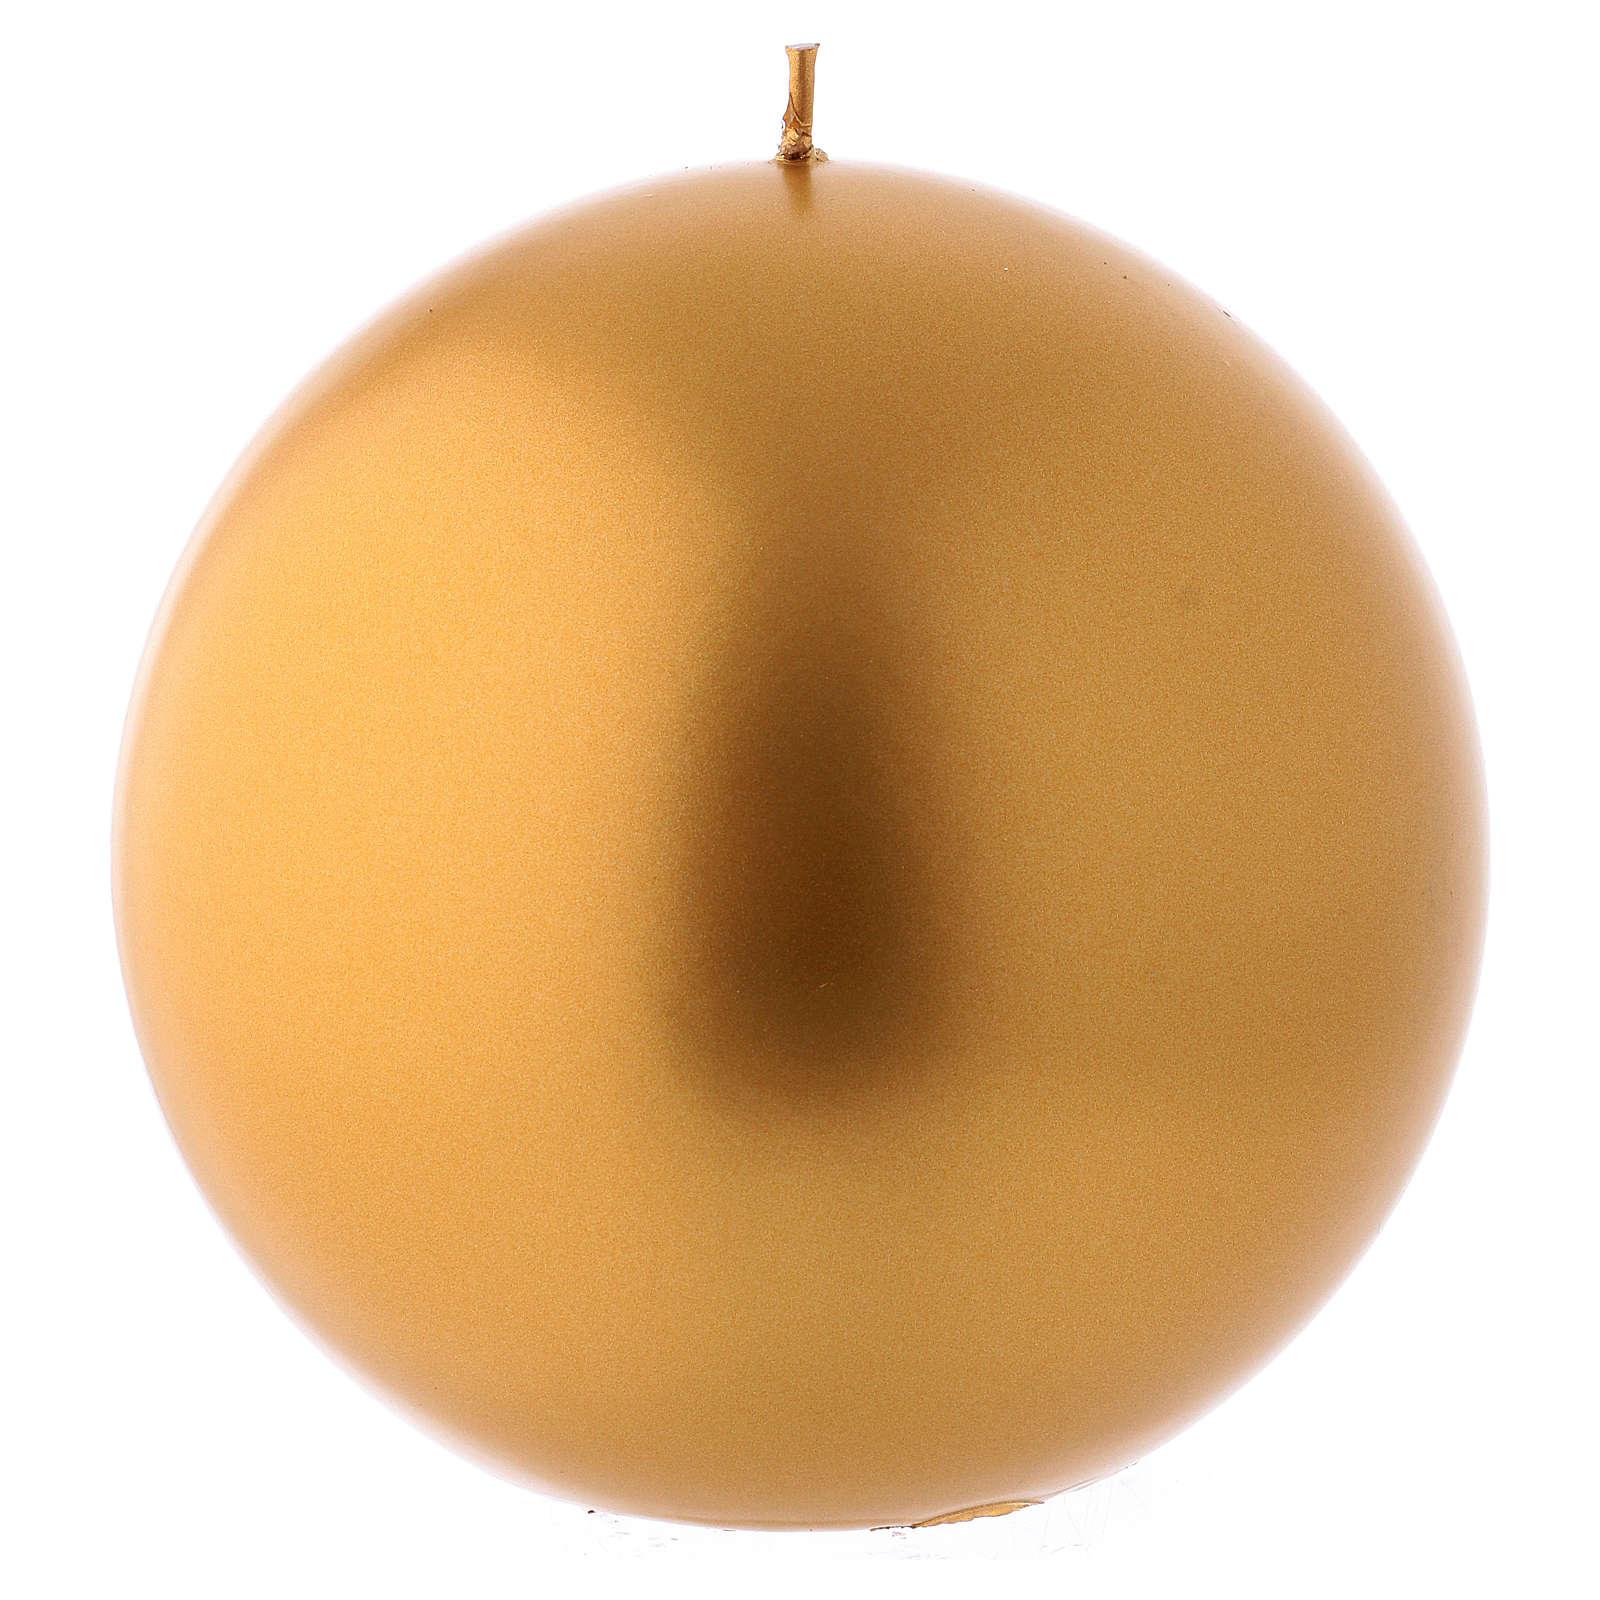 Bougie de Noël sphère couleur or Ceralacca diam. 15 cm 3